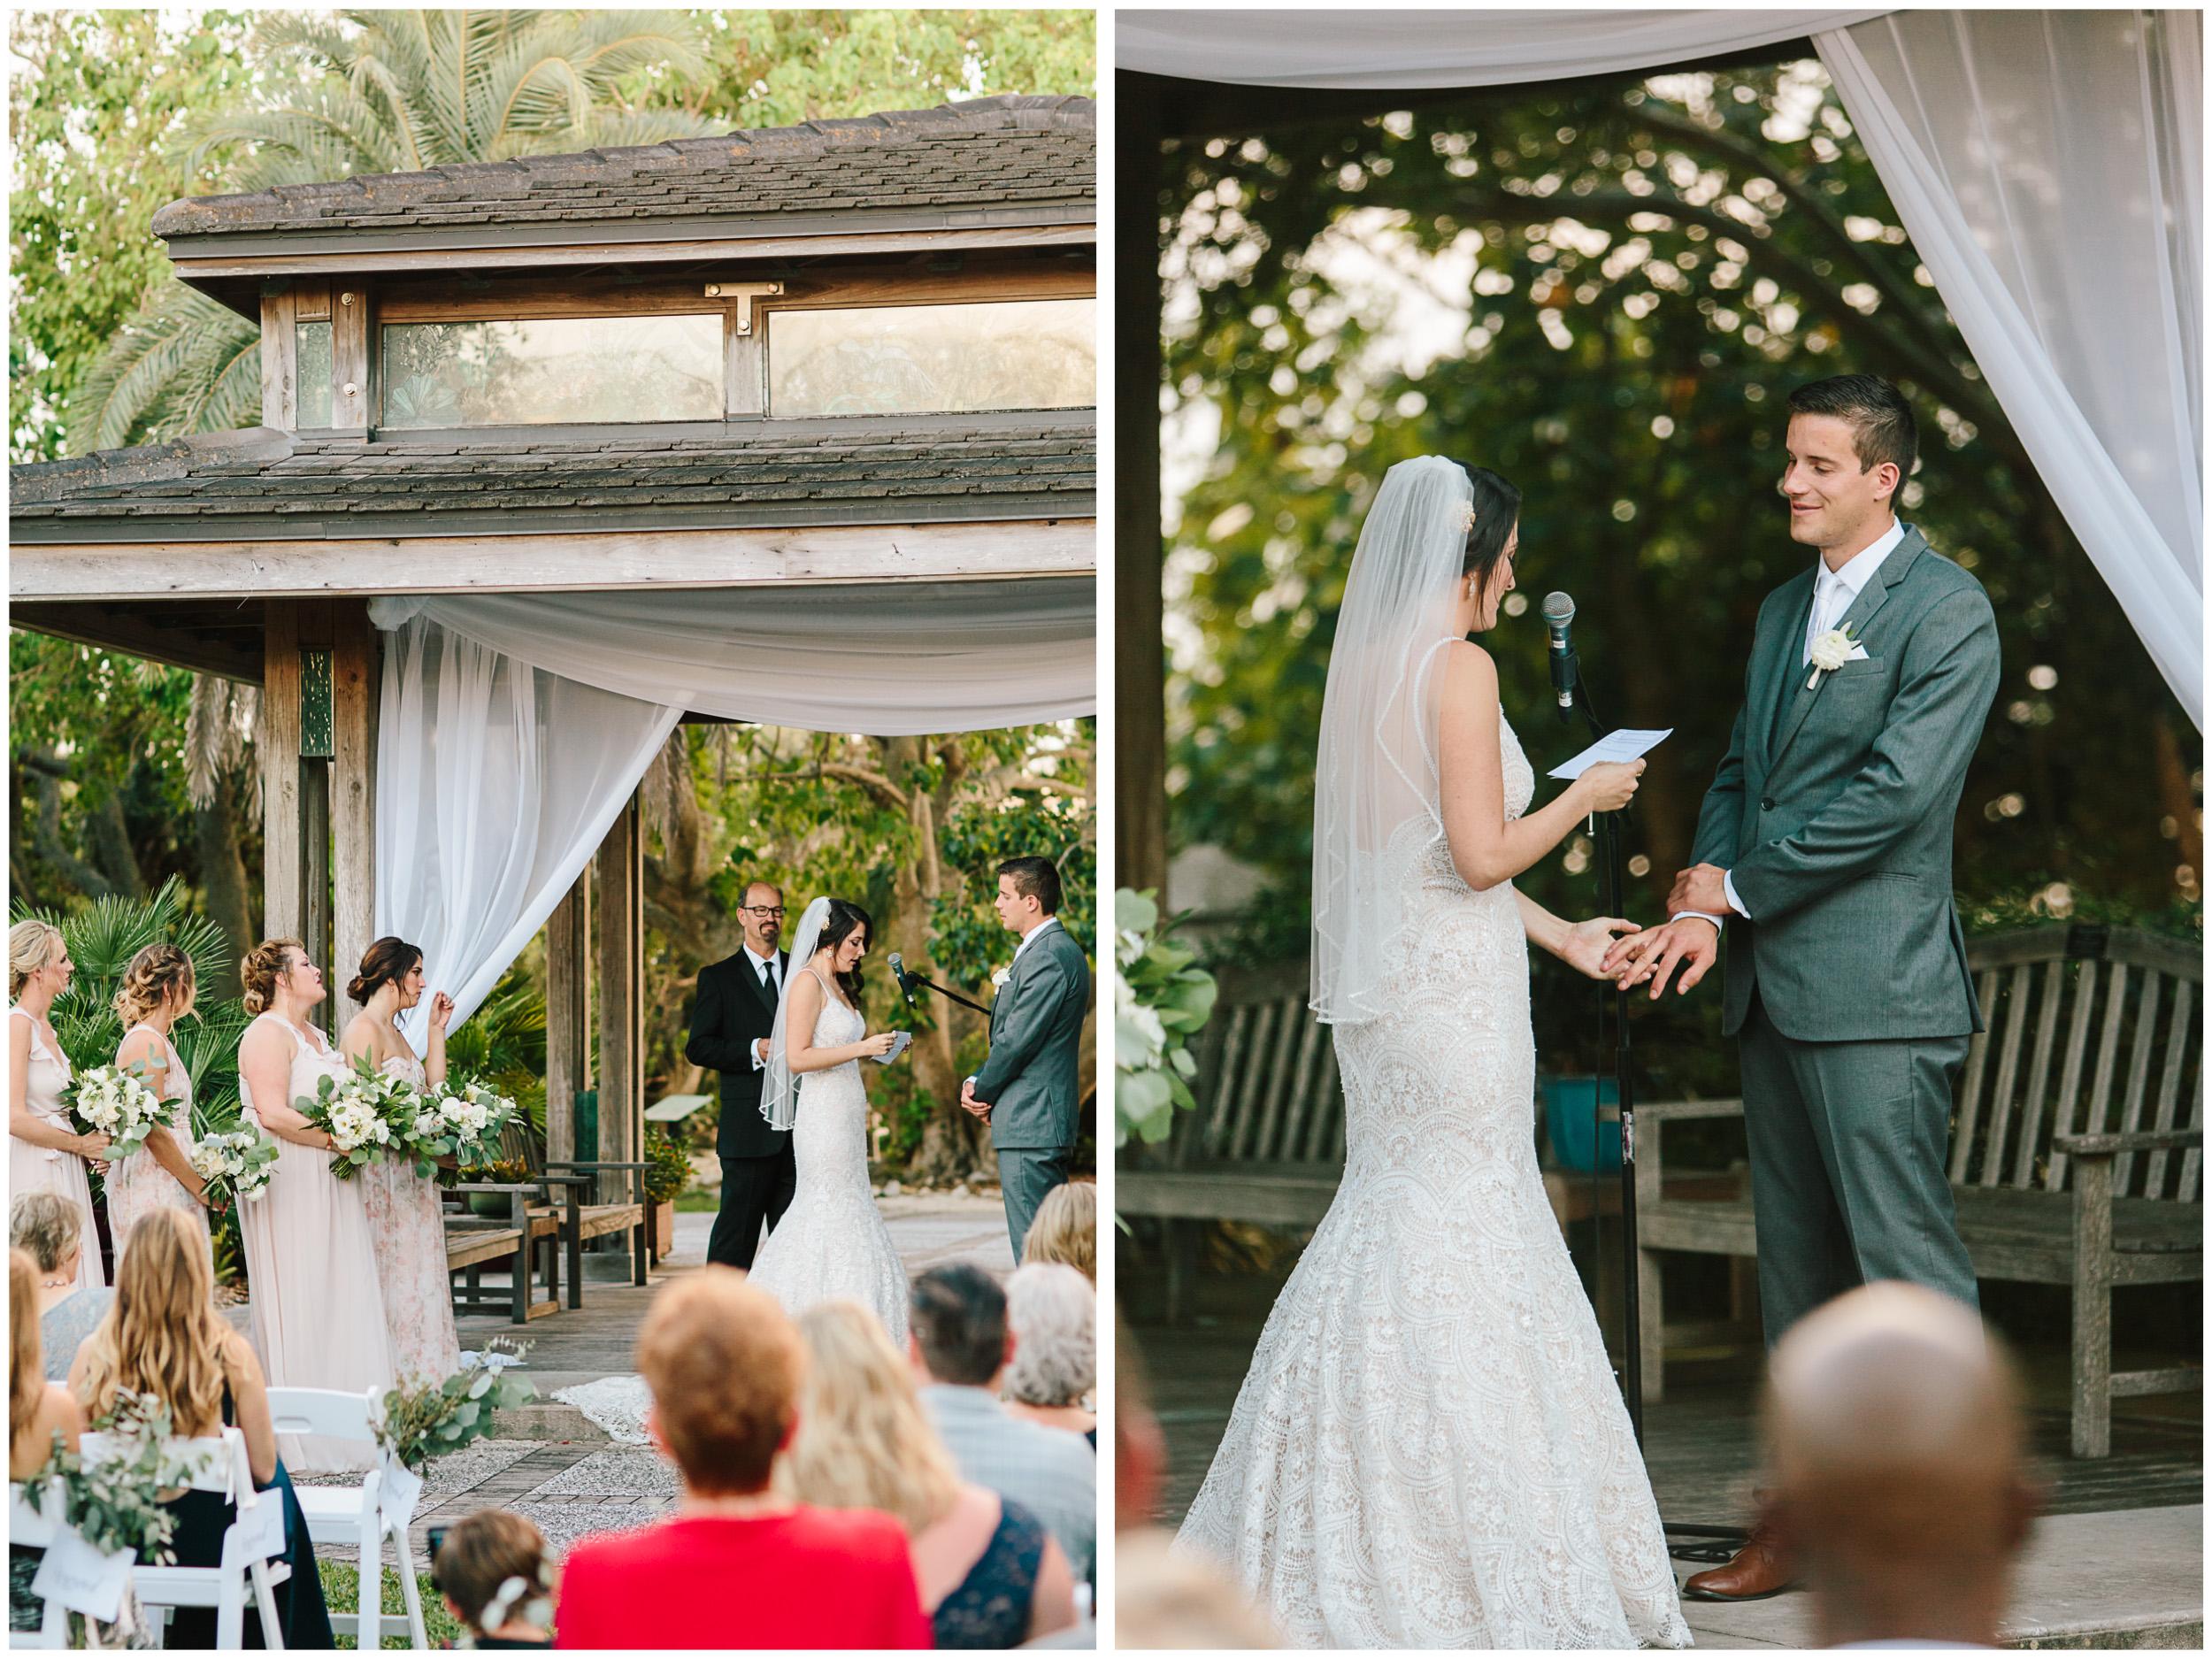 marie_selby_wedding_64.jpg